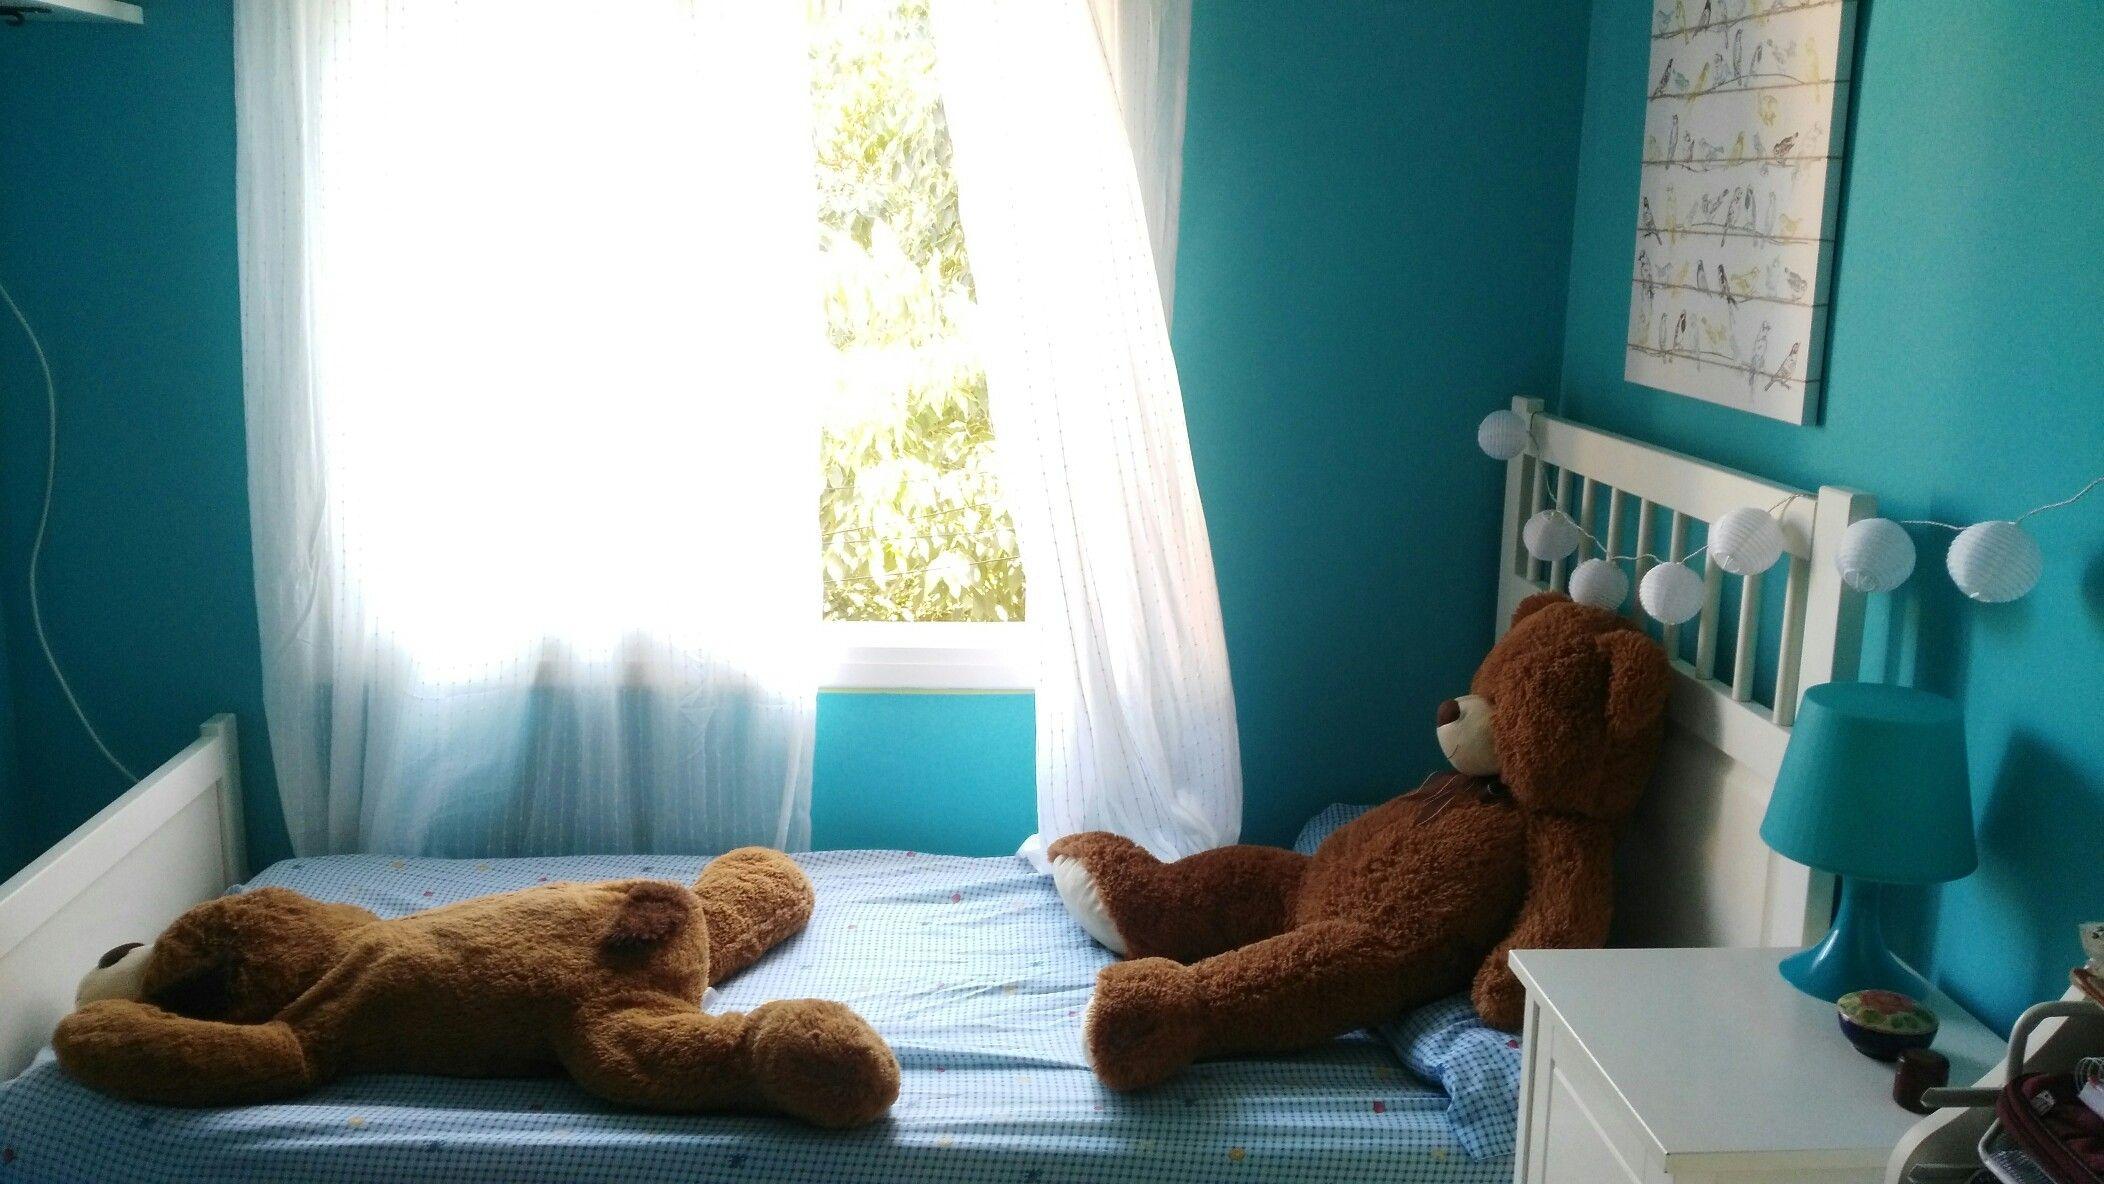 Peluches de decoración encima de la cama.